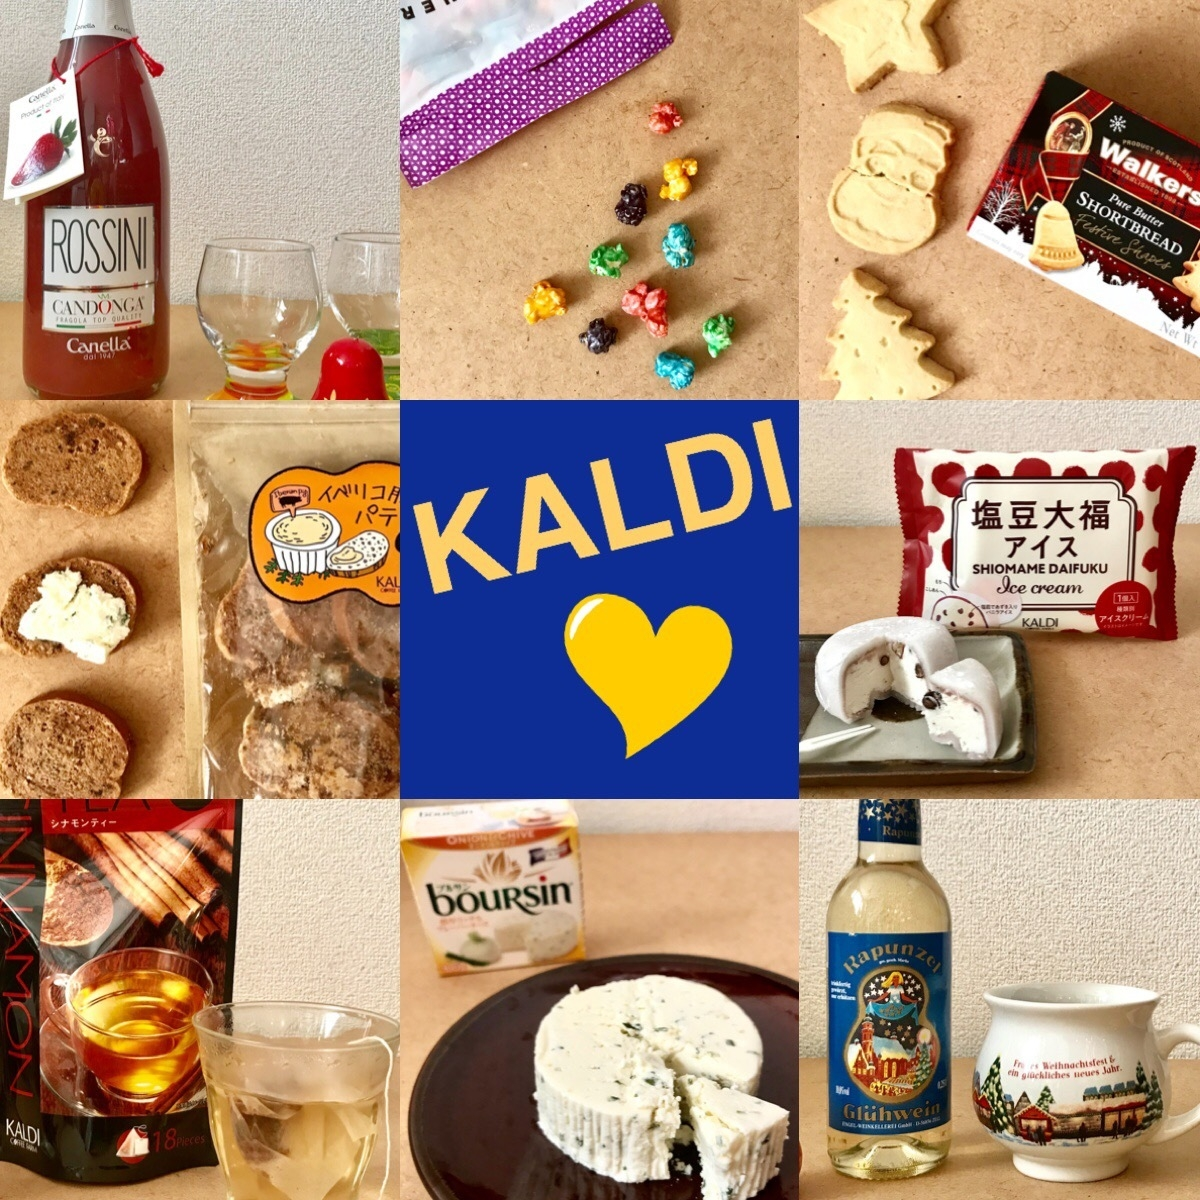 おつまみ・お菓子・ワインまで!【カルディ(KALDI)】年末年始おすすめグルメ11選